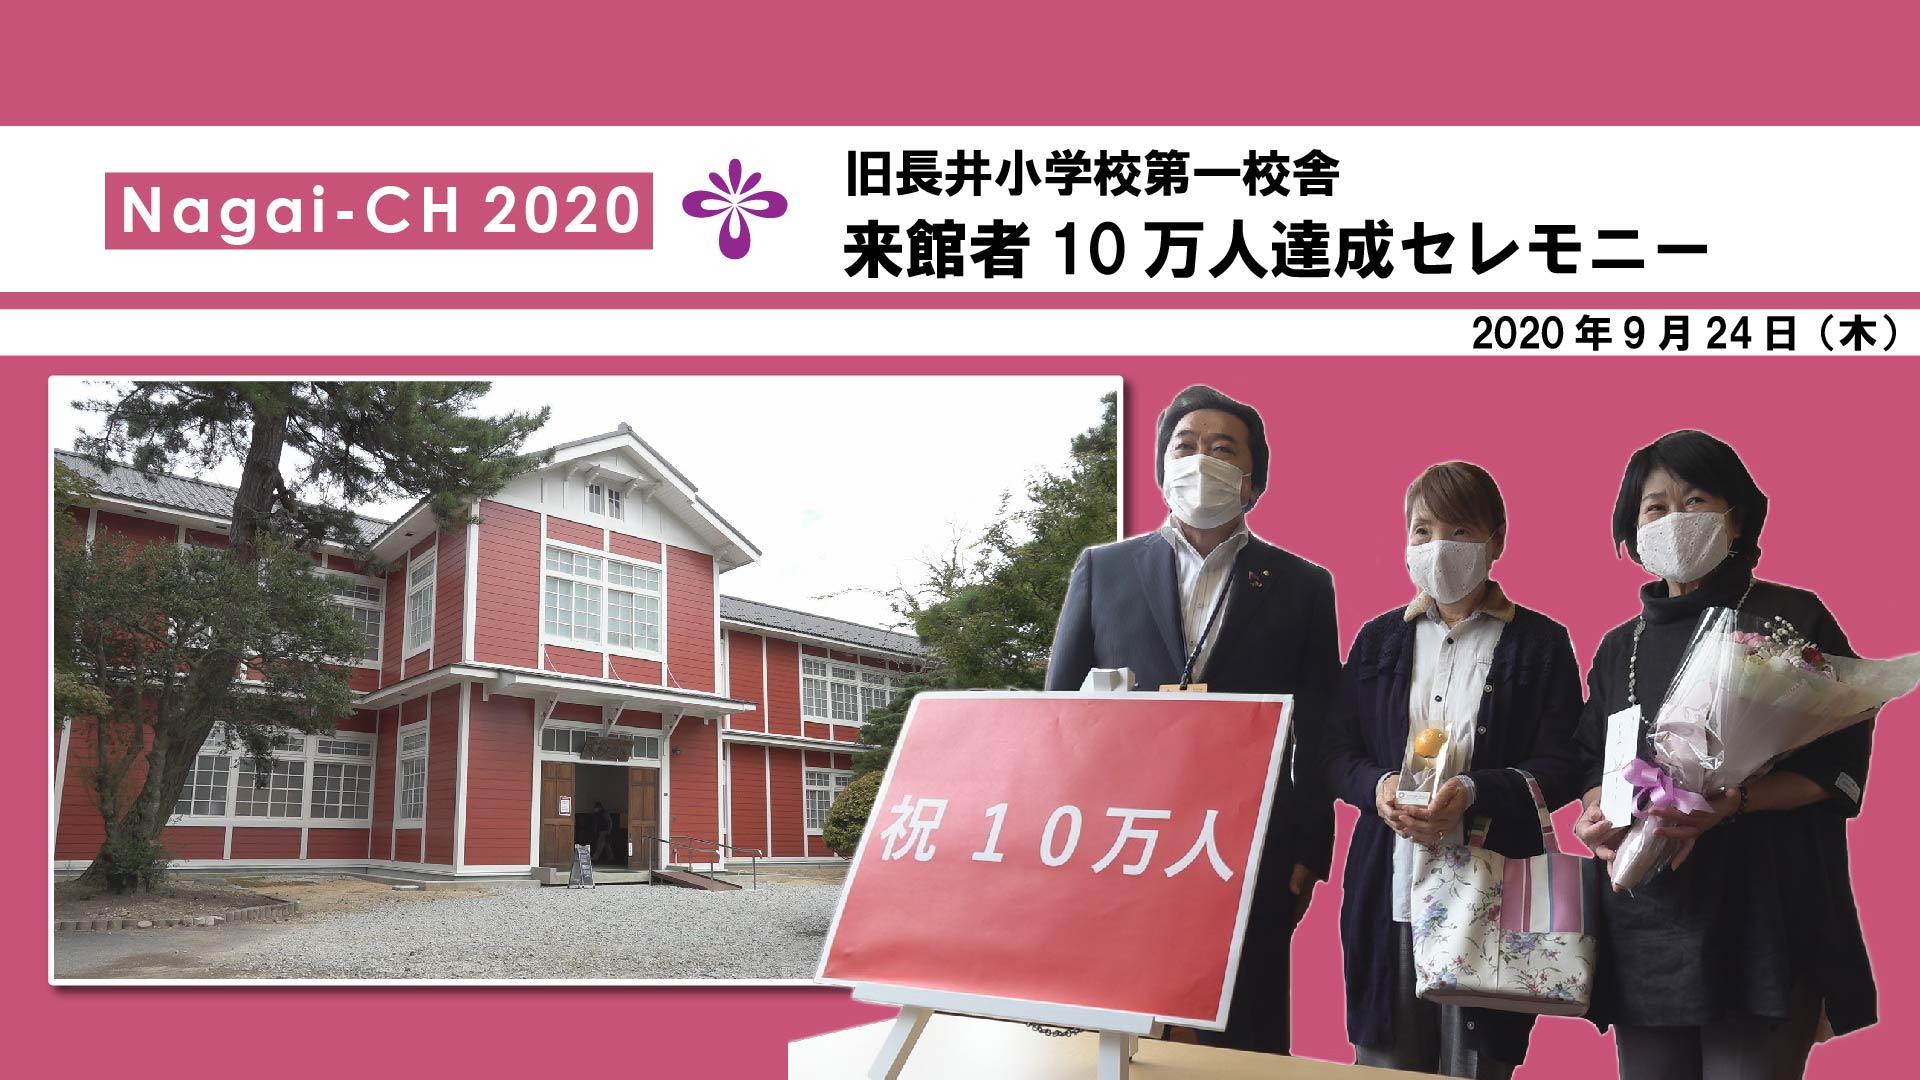 【長井市】旧長井小学校第一校舎来館者10万人達成セレモニー(令和2年9月24日):画像